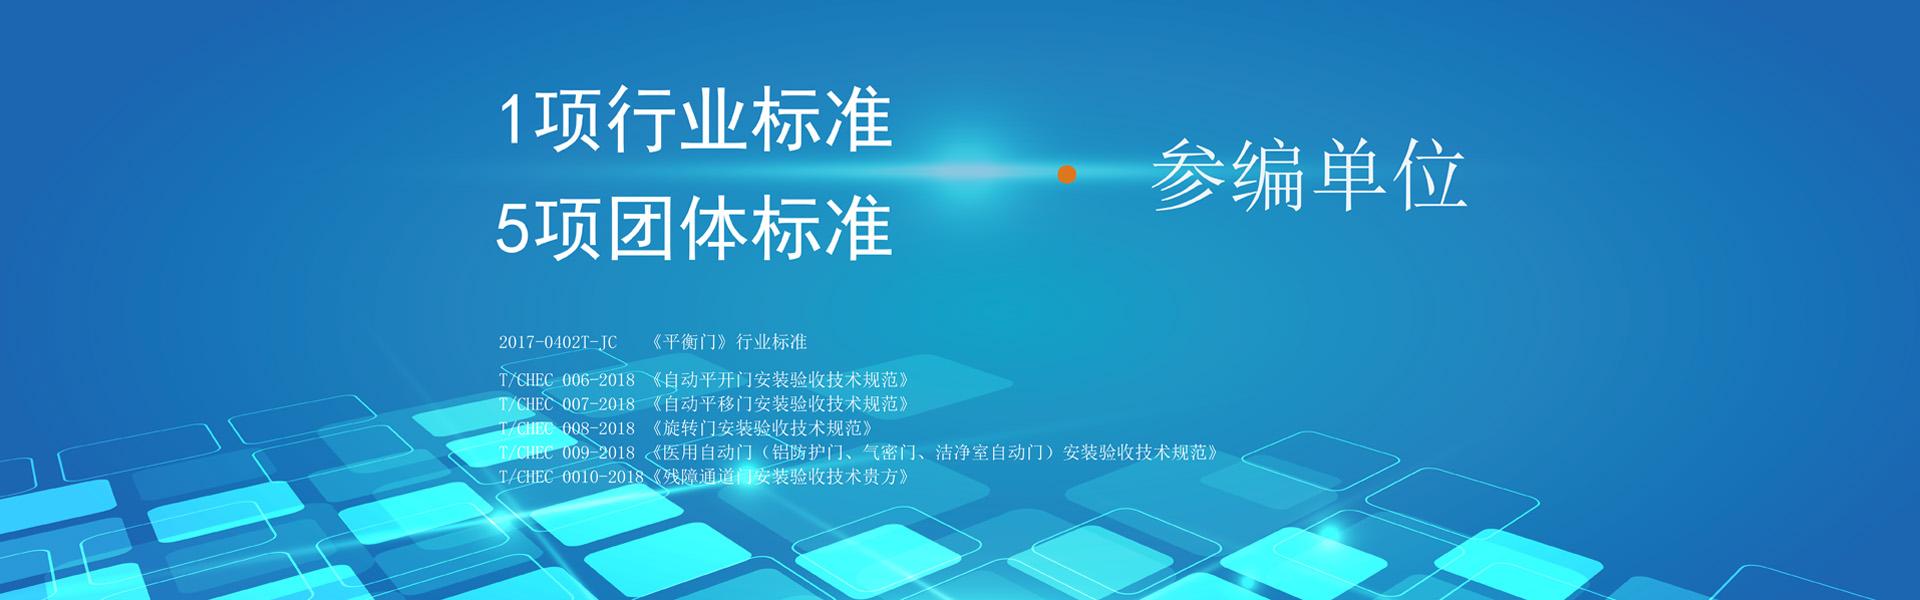 门道佰分佰,1项行业标准5项团体标准参编单位